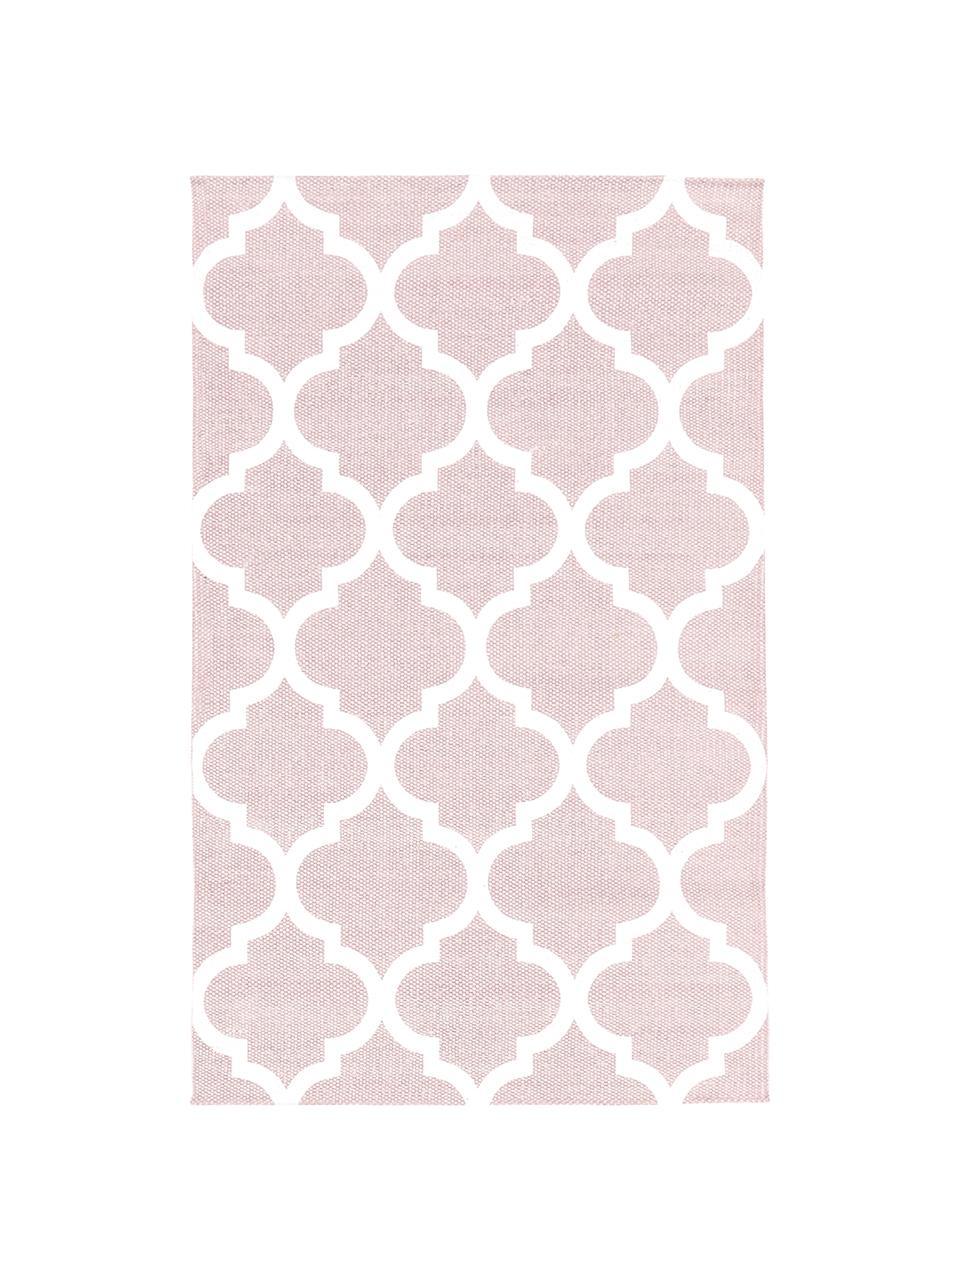 Dünner Baumwollteppich Amira in Rosa/Weiß, handgewebt, 100% Baumwolle, Rosa, Cremeweiß, B 200 x L 300 cm (Größe L)